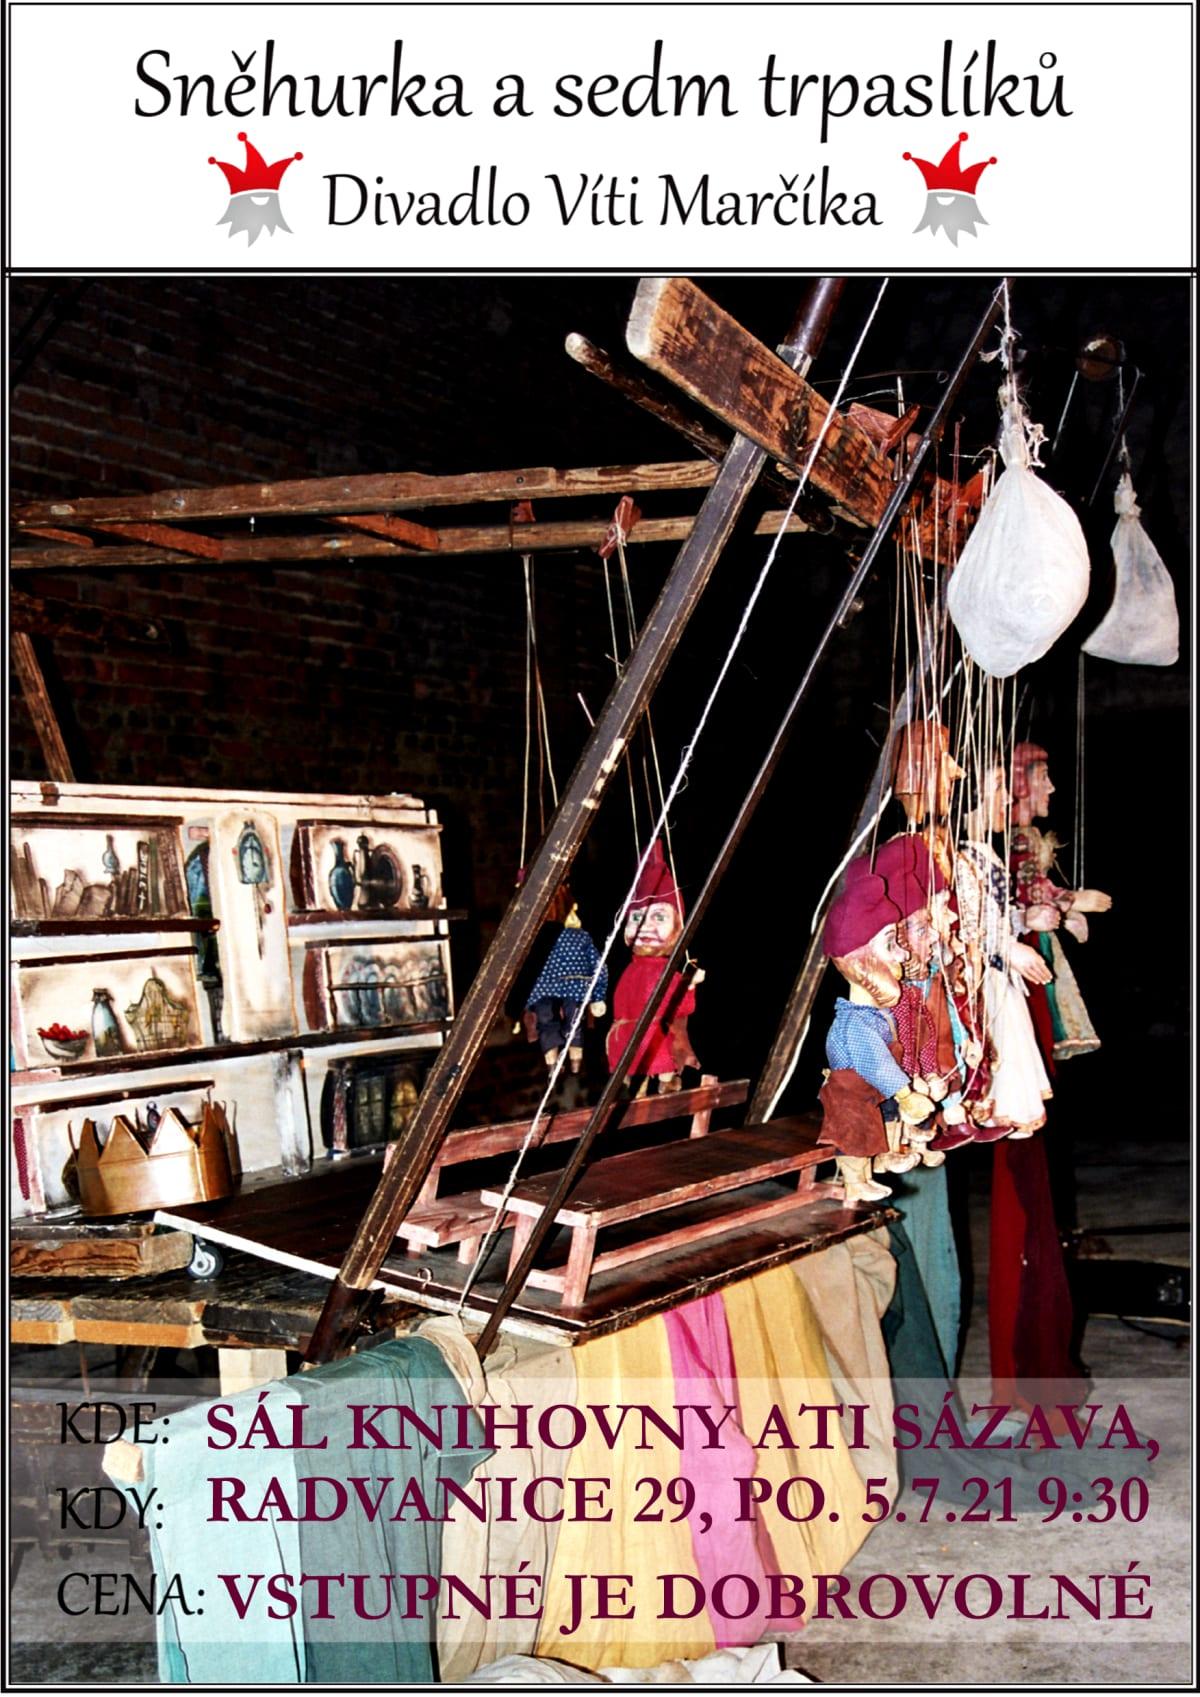 Sazava-snehurka-1